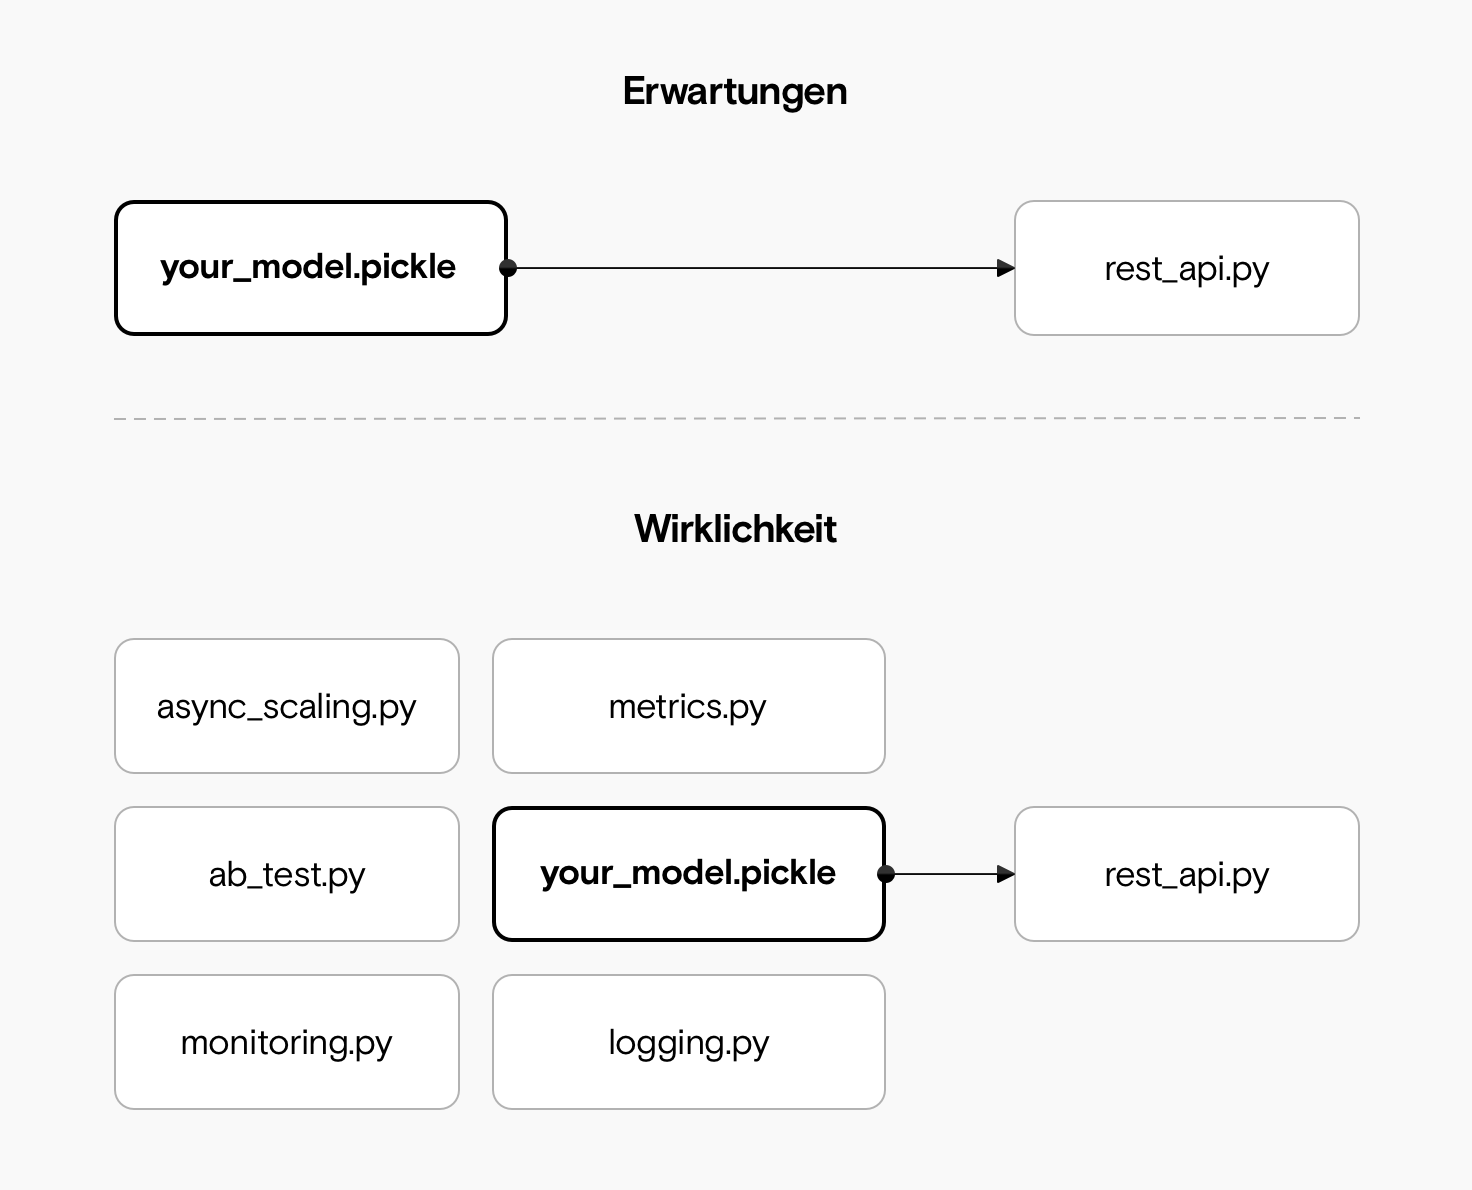 Eine einfache Architektur zeigt lediglich eine Modelldatei und eine rest_api.py-Datei. Unten ist jedoch die Realität dargestellt, die eine ganze Sammlung von Modulen umfasst, darunter Metriken, Protokollierung, Überwachung und AB-Tests.